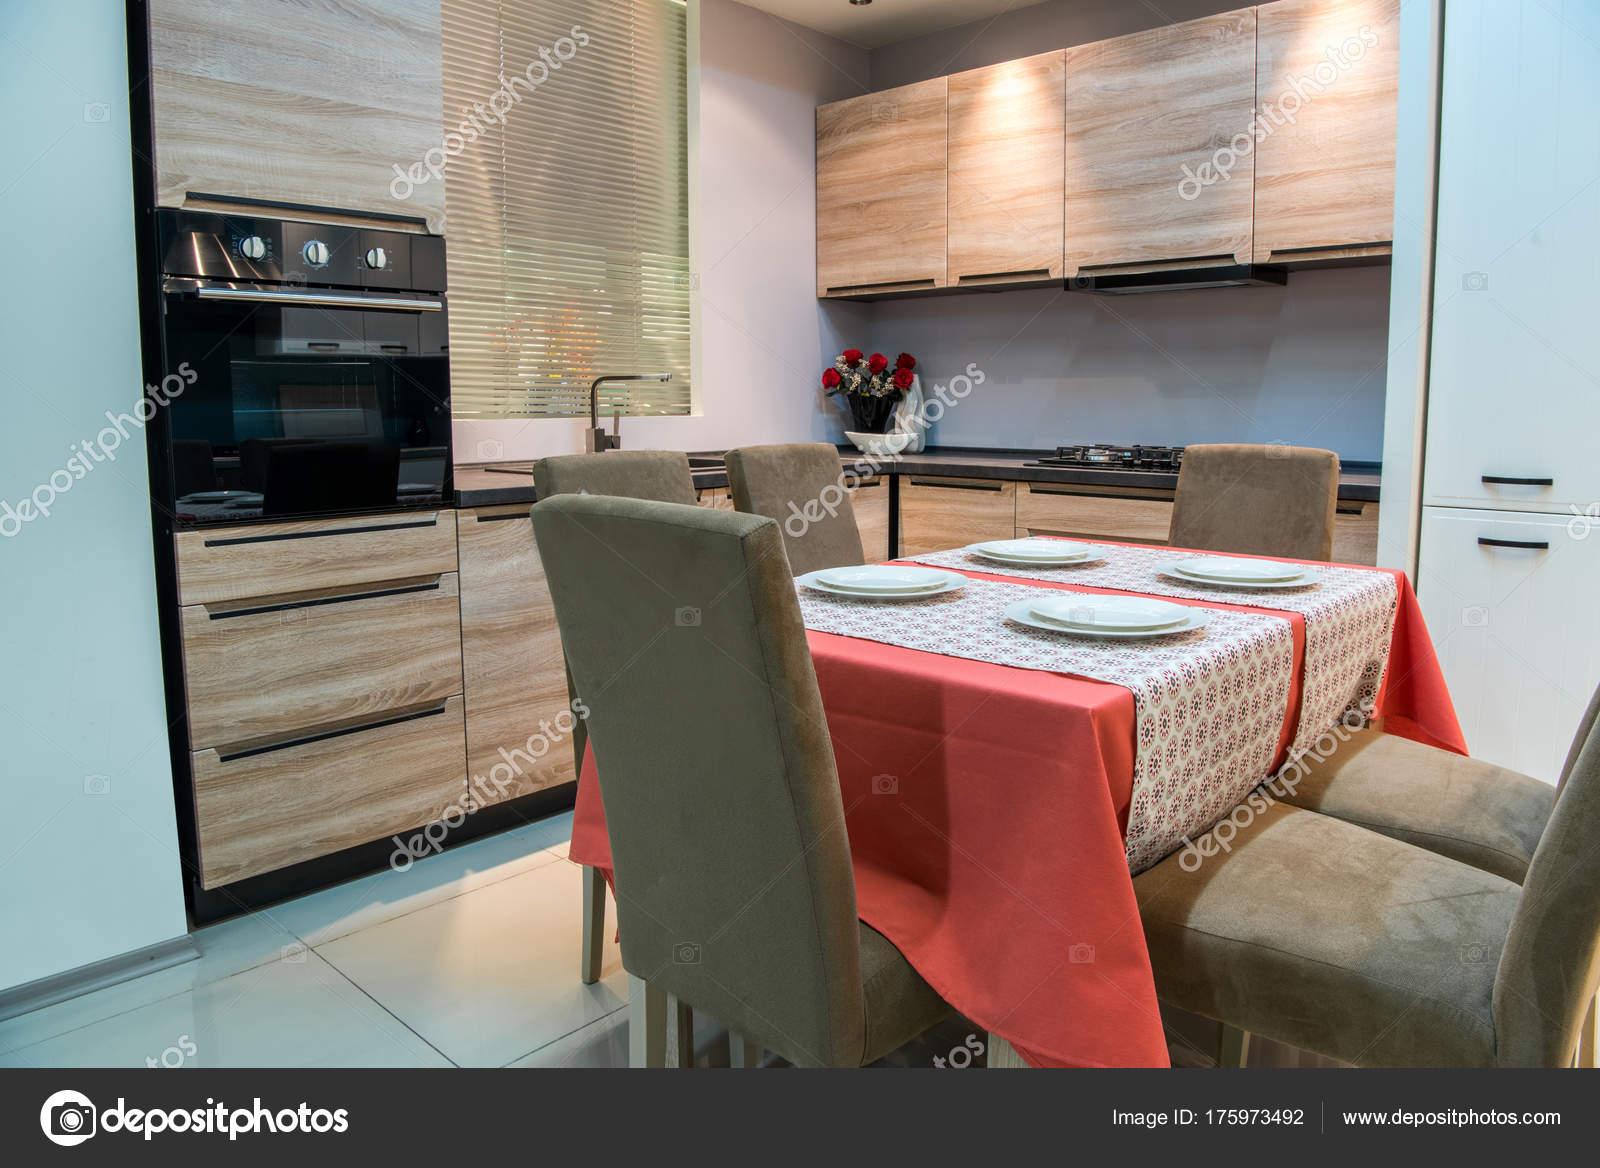 Moderne Küche Und Wohn Innenraum — Stockfoto © VitalikRadko #175973492